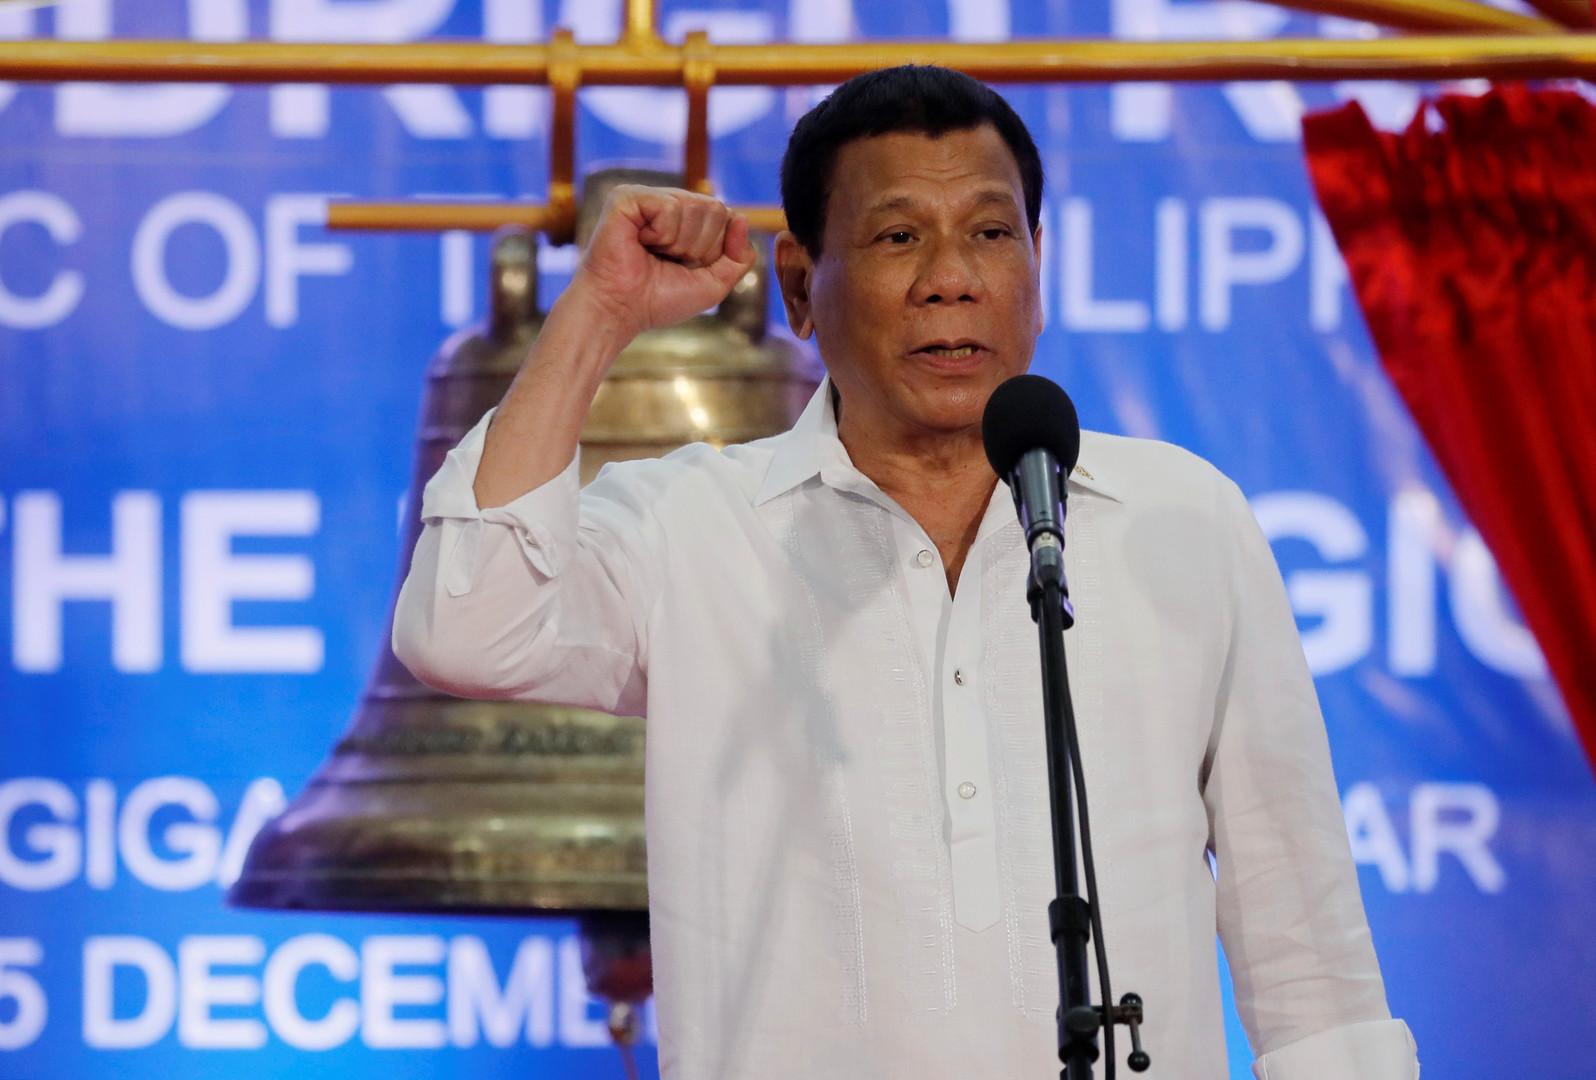 الرئيس الفلبيني يسيطر على مجلس الشيوخ